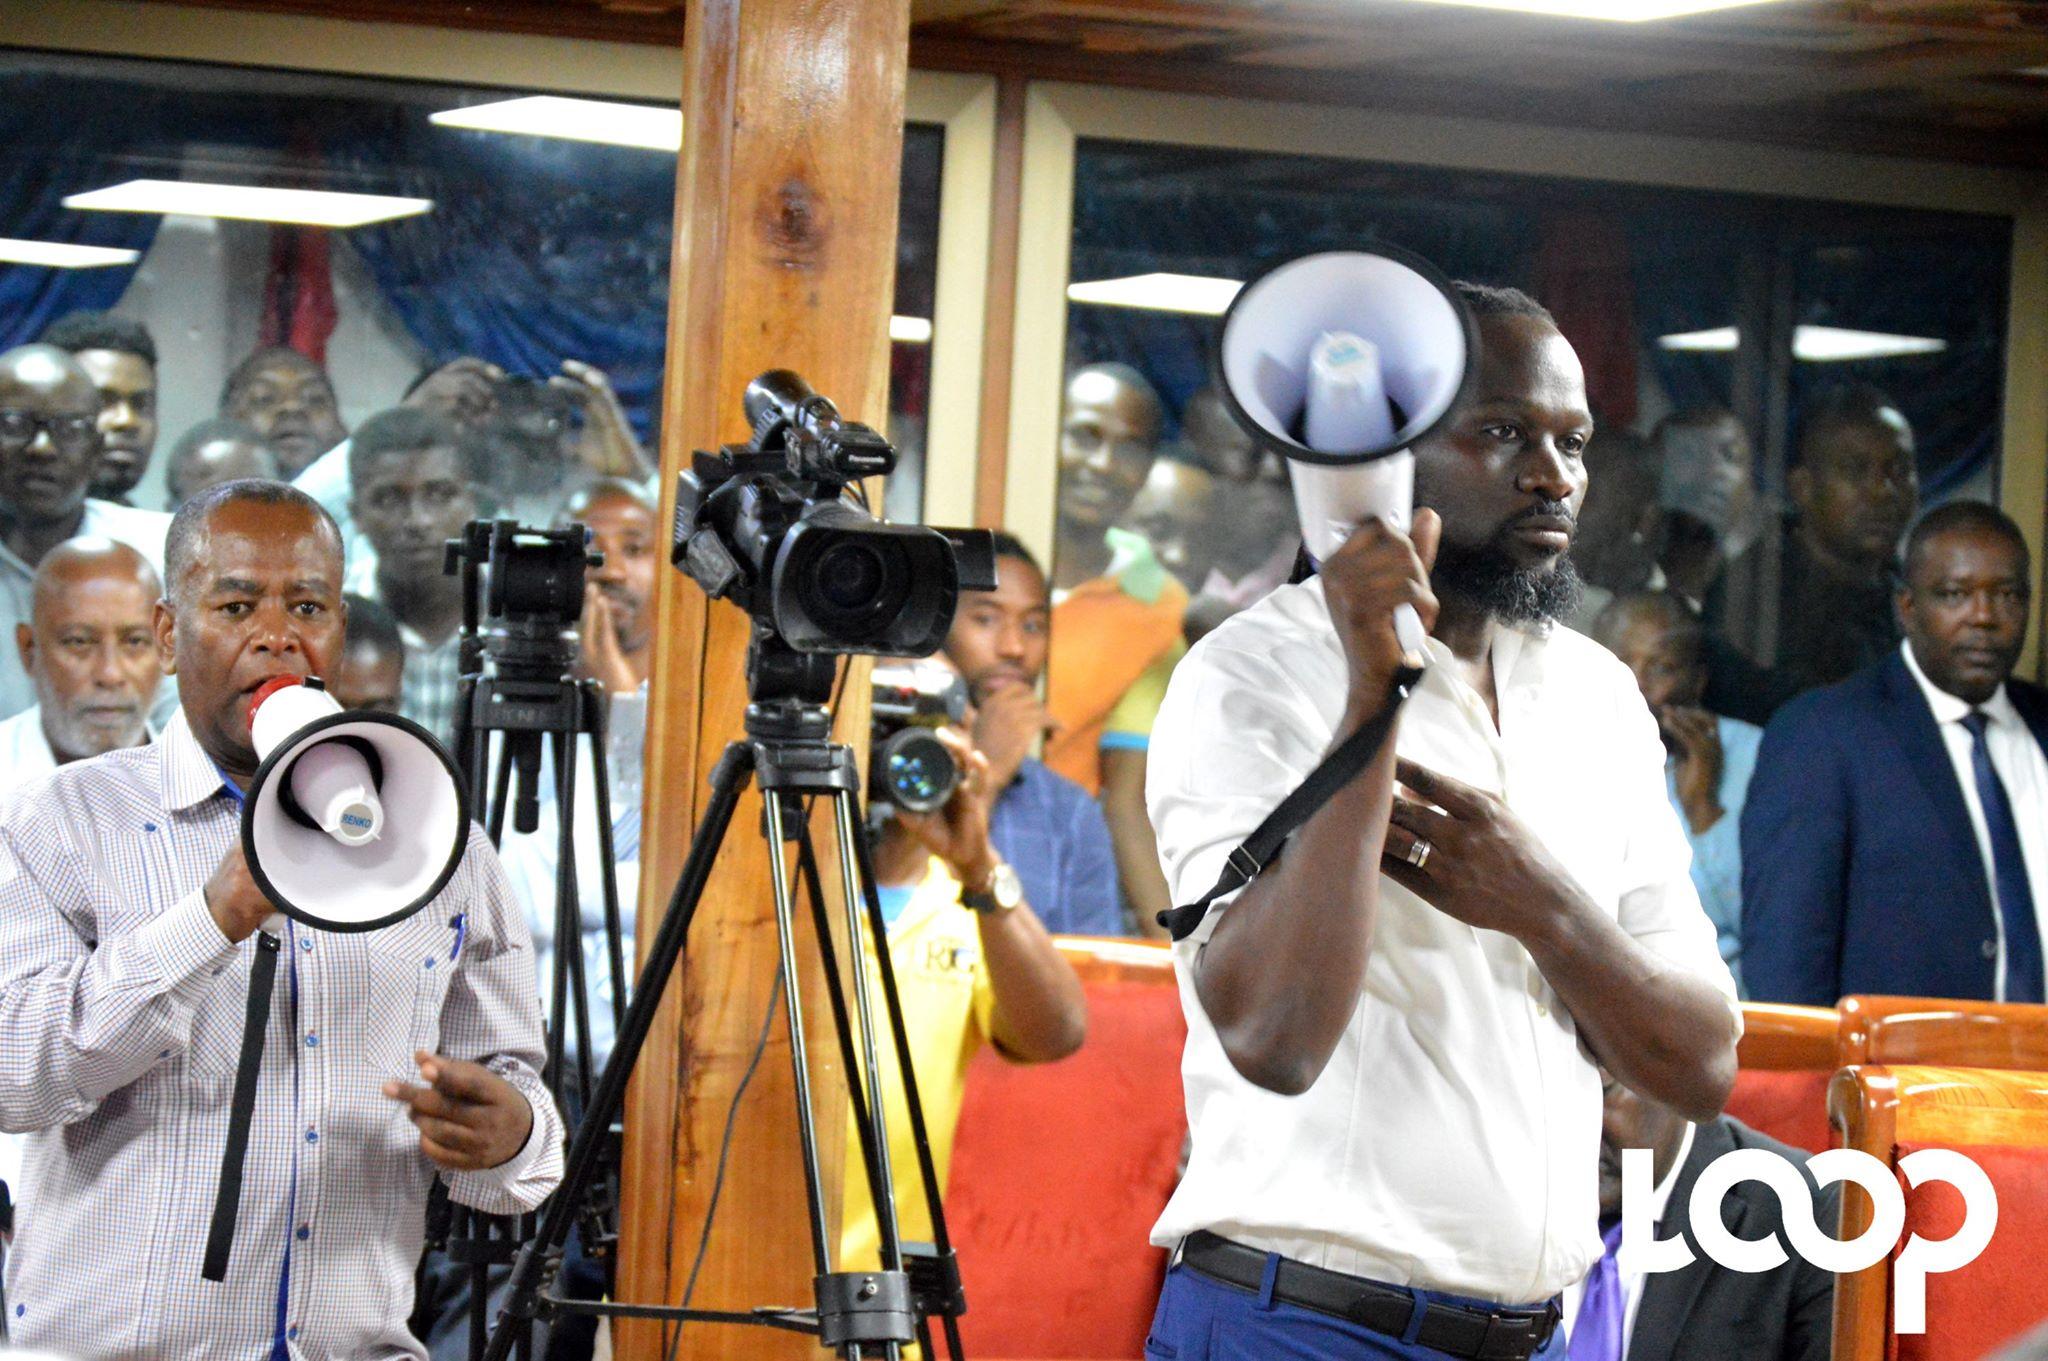 Les sénateurs de l'opposition, mégaphone en main, perturbant la séance de ratification de la politique générale de Jean MIchel Lapin